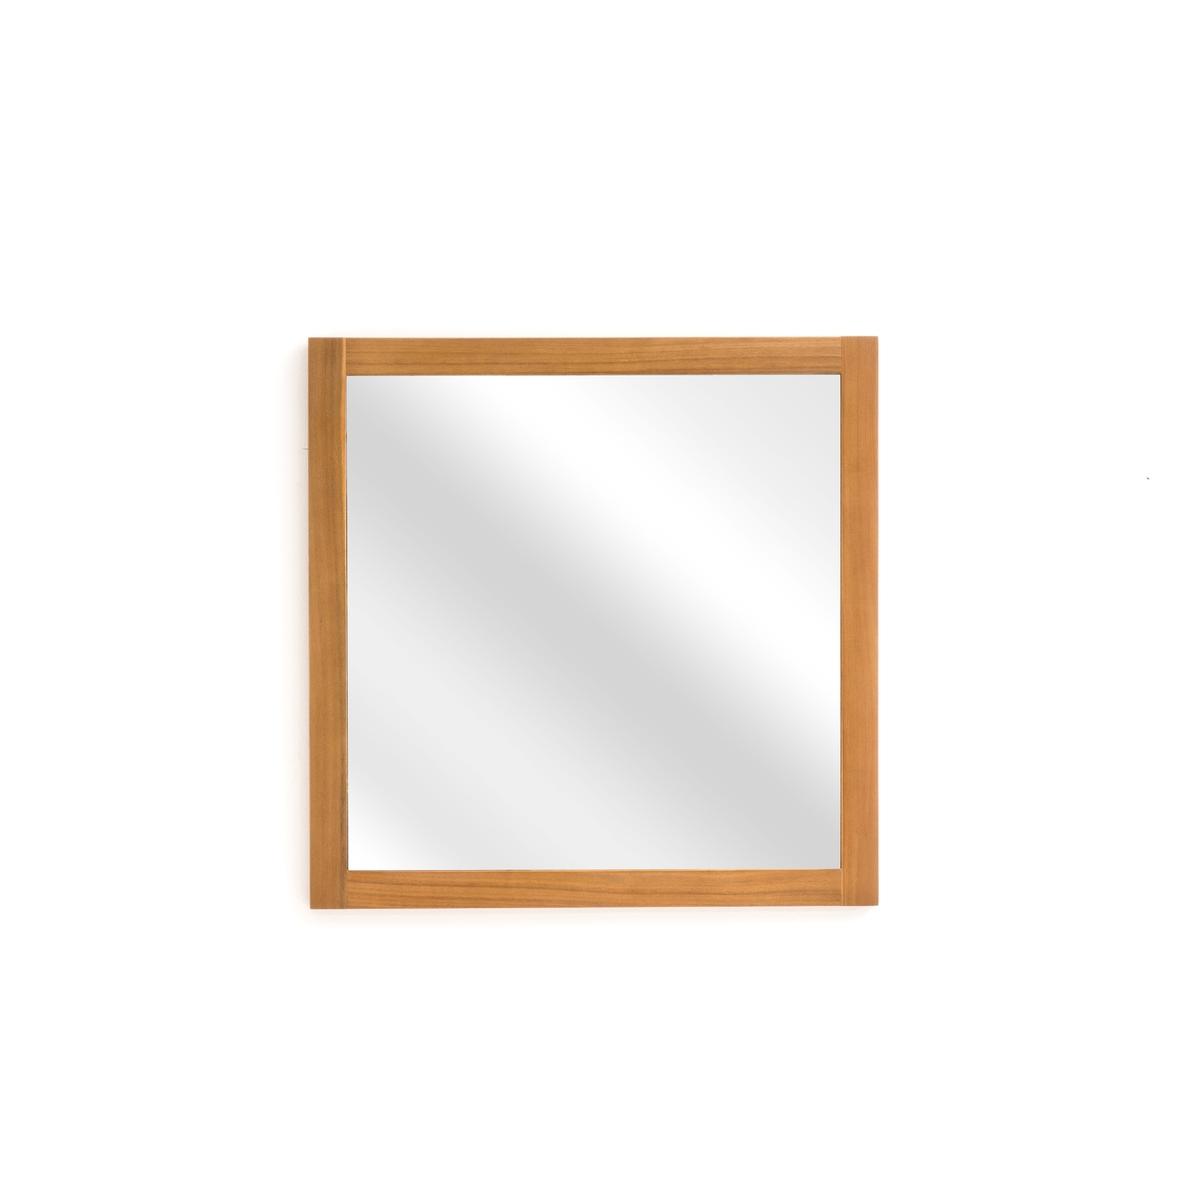 Зеркало квадратное для ванной комнаты, 60 см